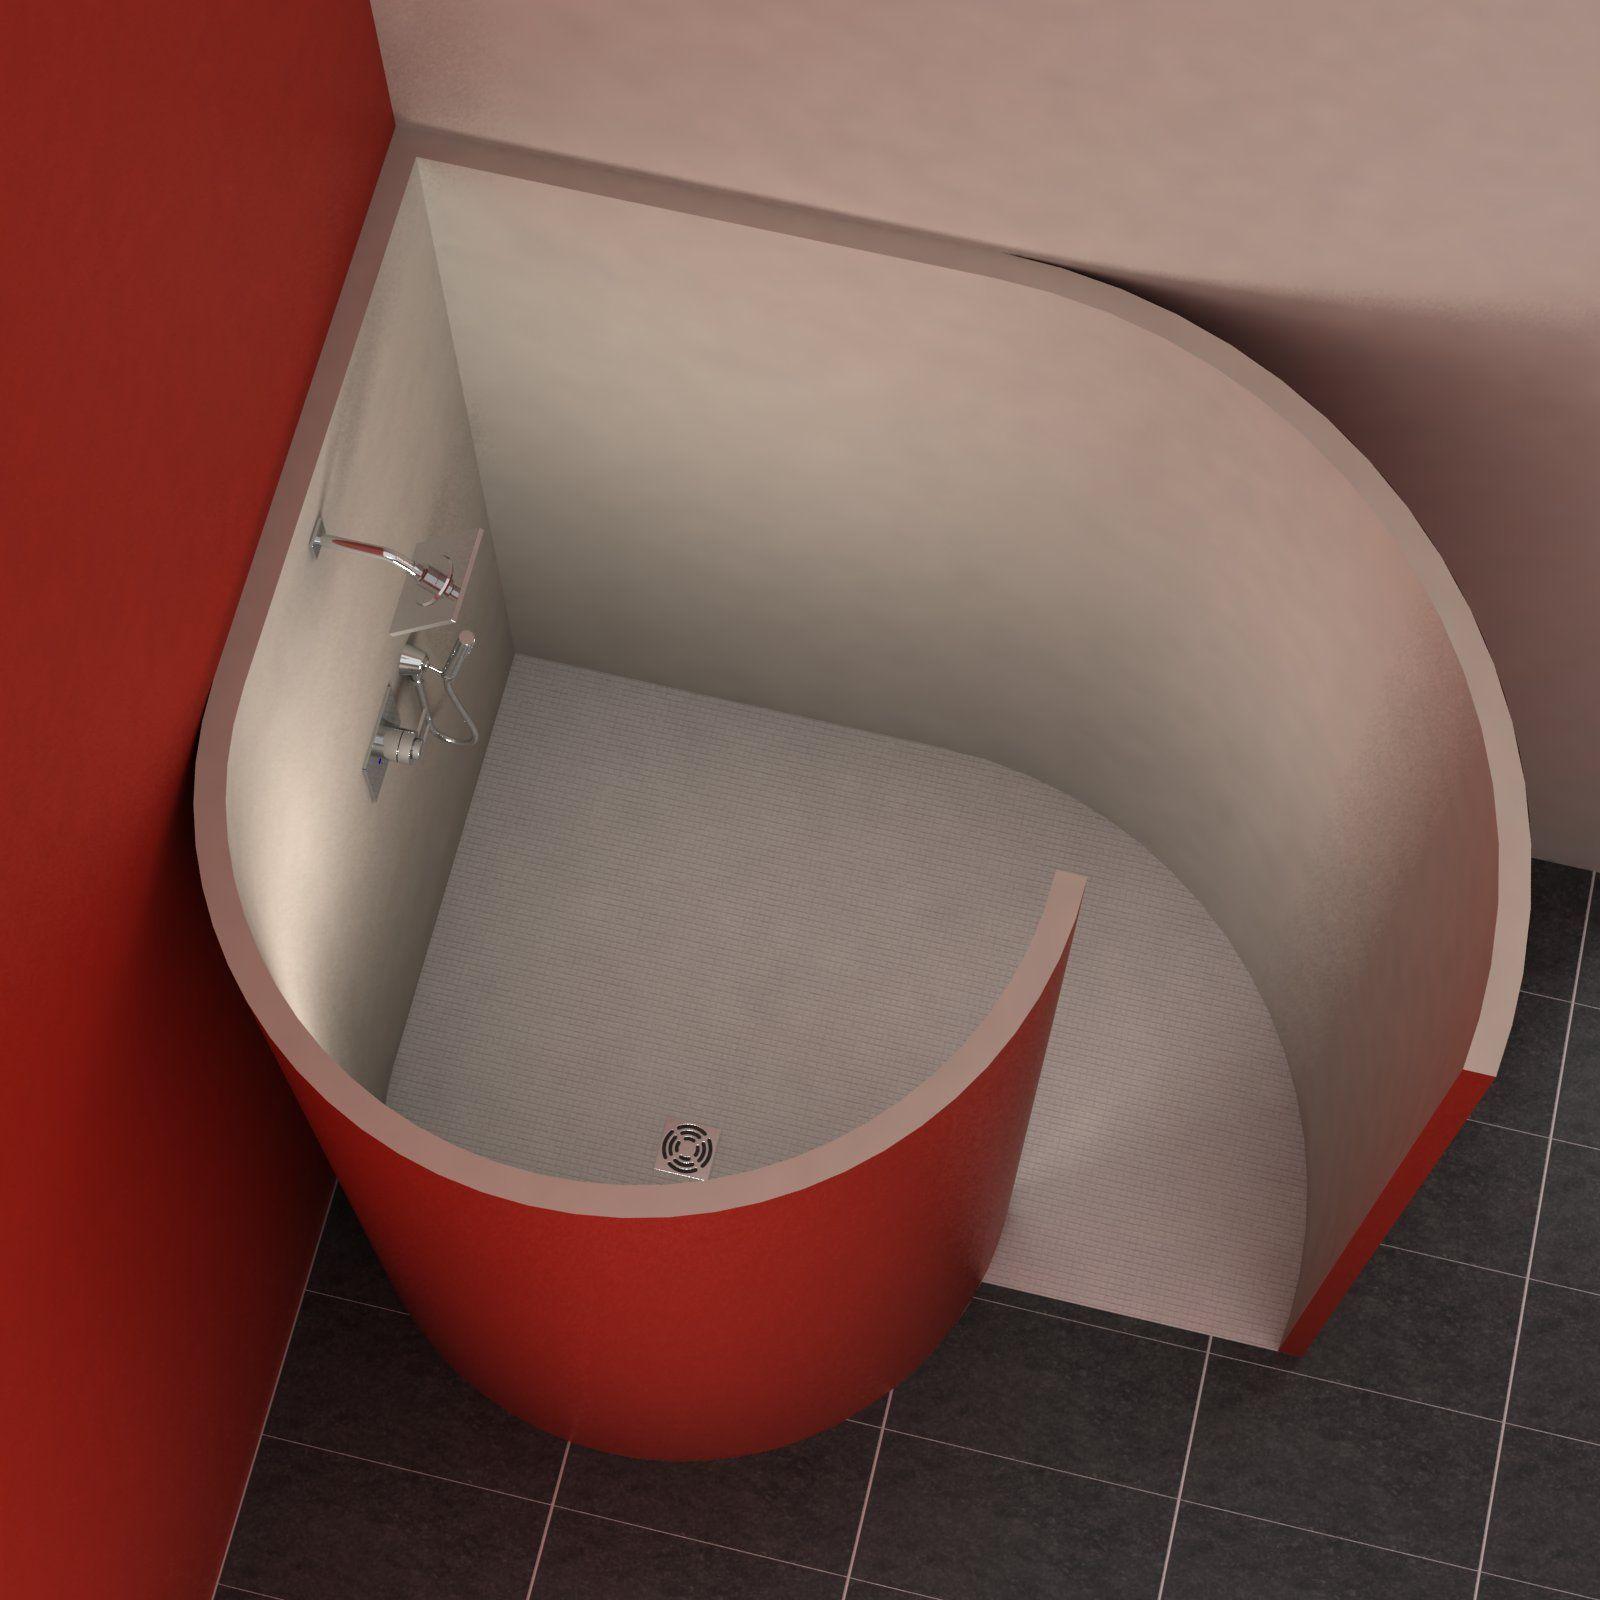 zur aufnahme der 5 cm starken wandelemente aus wedi. Black Bedroom Furniture Sets. Home Design Ideas